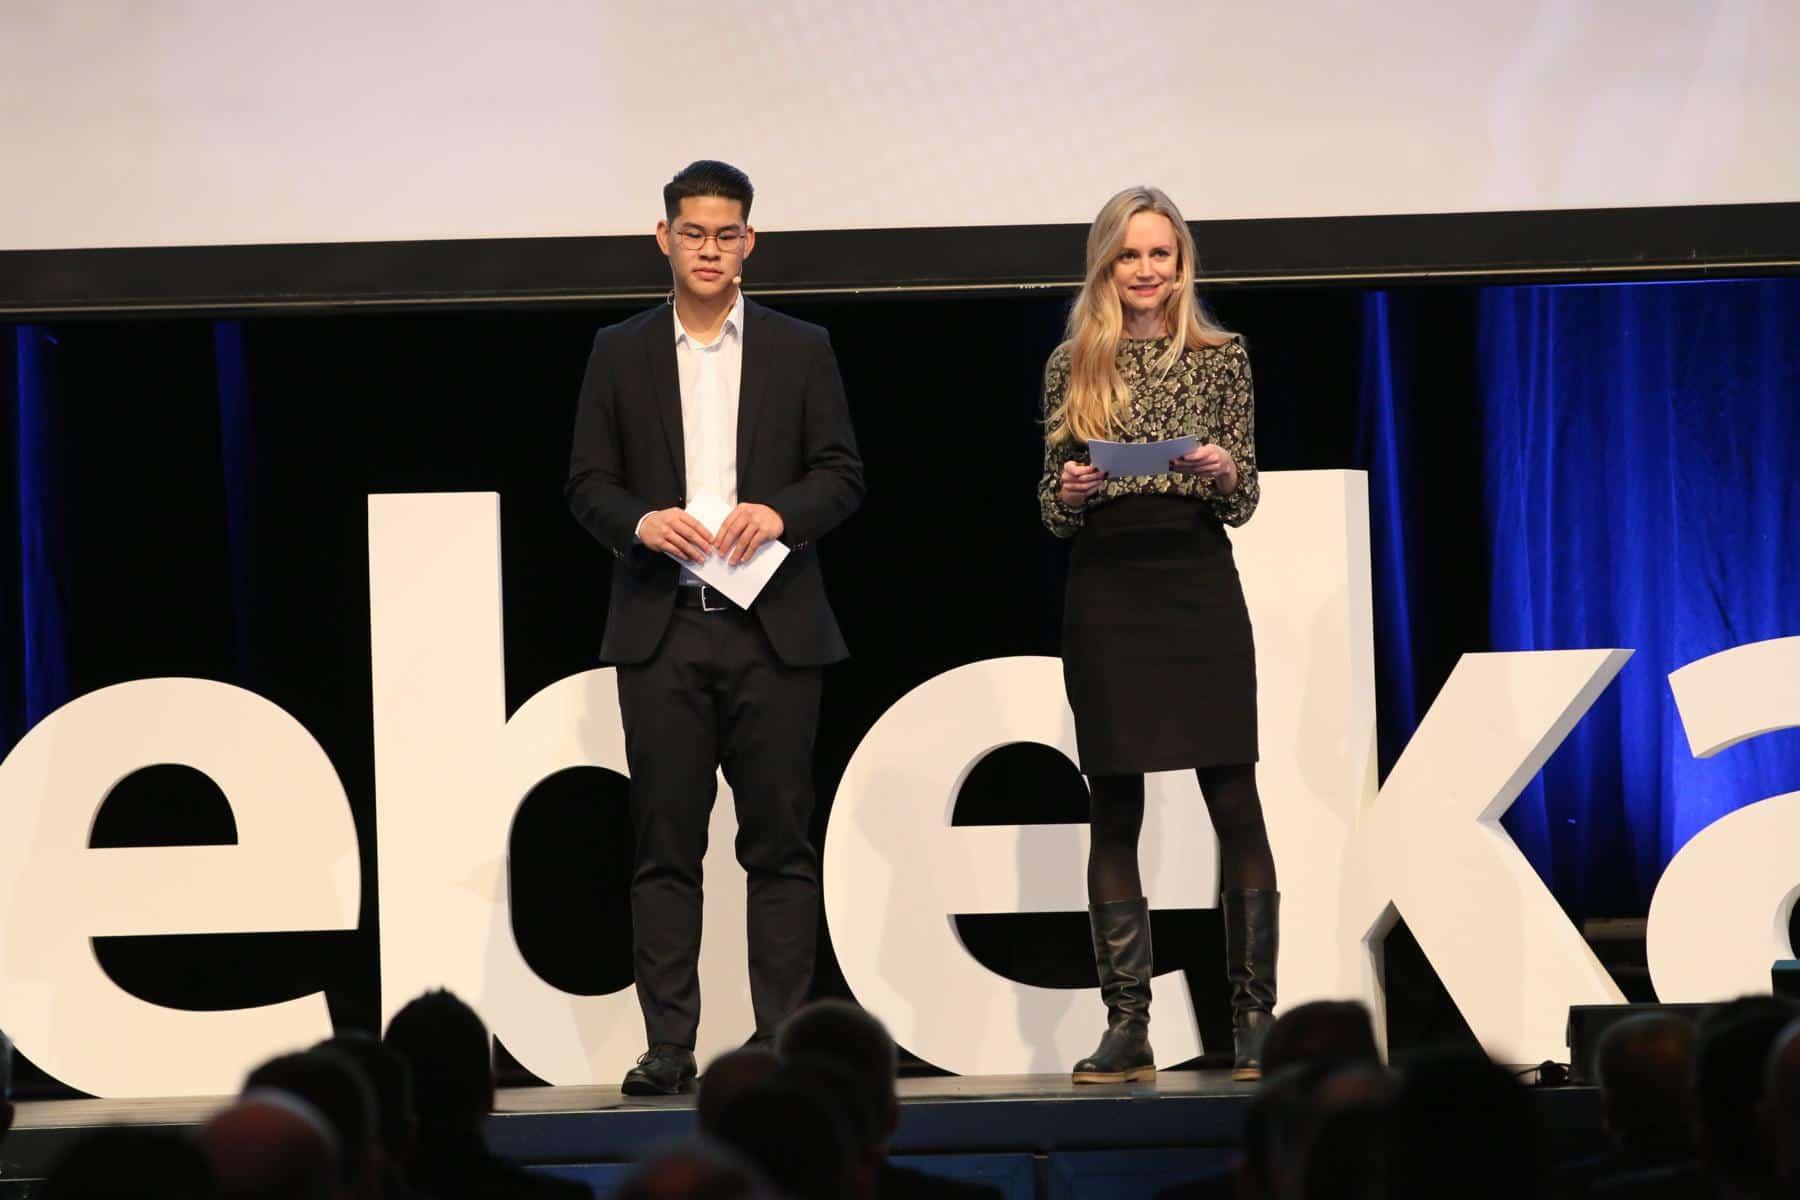 Janina Treis moderiert den Debeka Kongress in der Rhein-Mosel-Halle in Koblenz.